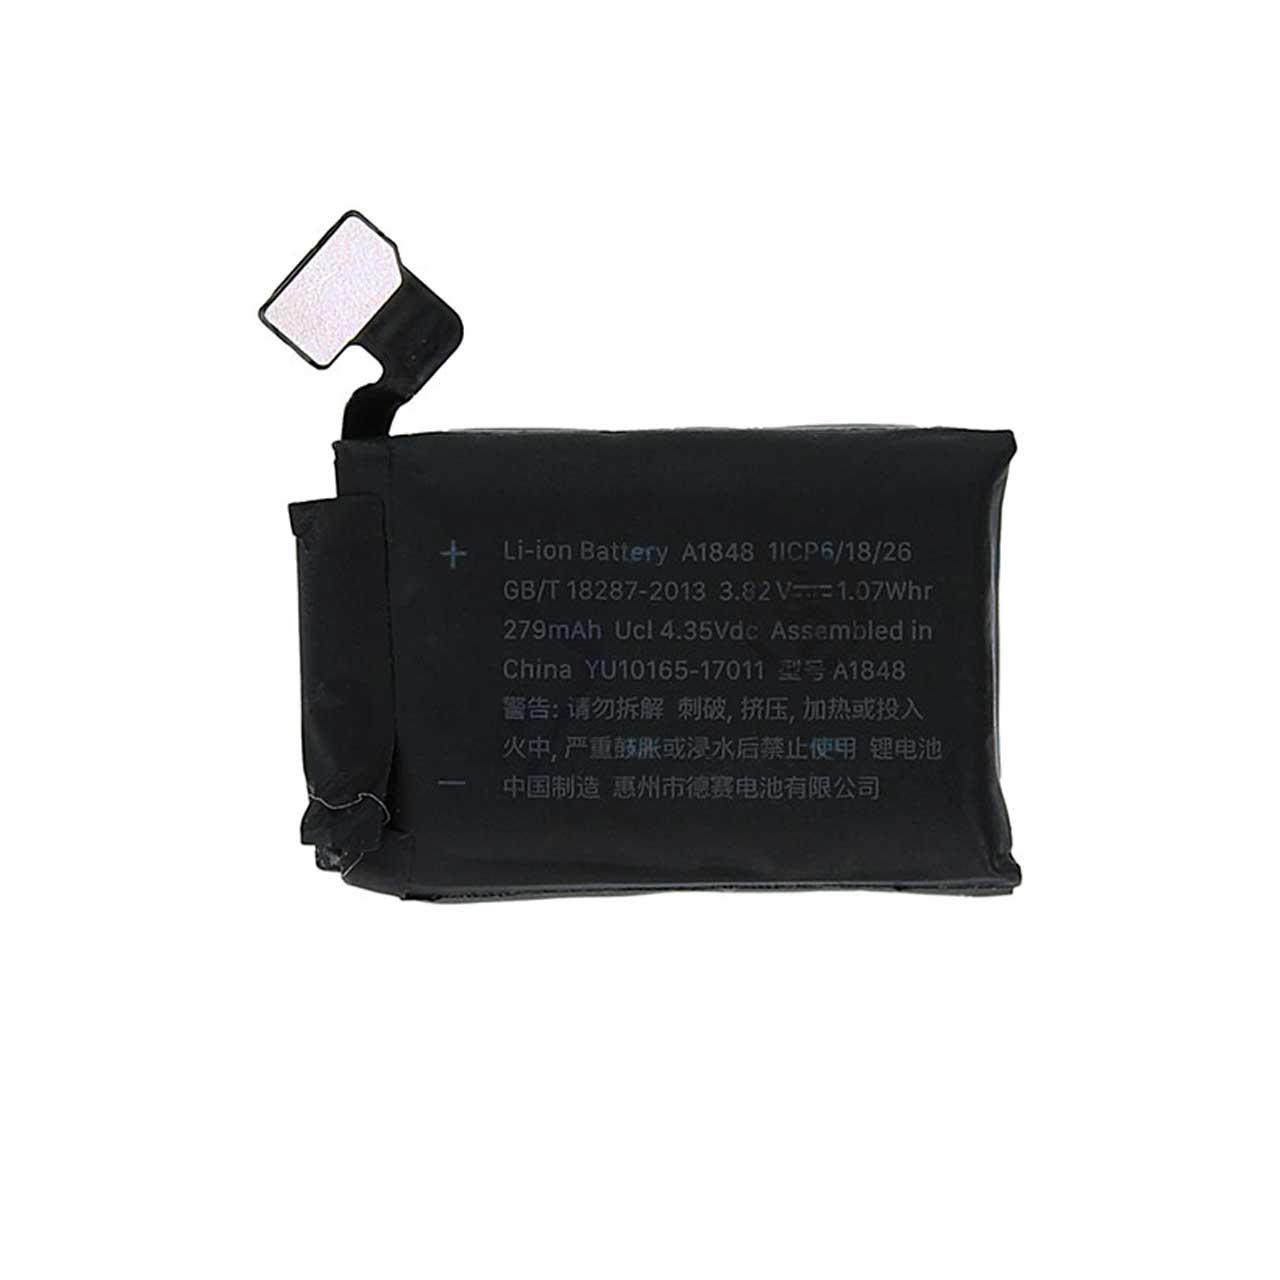 باتری مدل A1848 ظرفیت 279 میلی آمپر ساعت مناسب برای اپل واچ 38 میلی متری